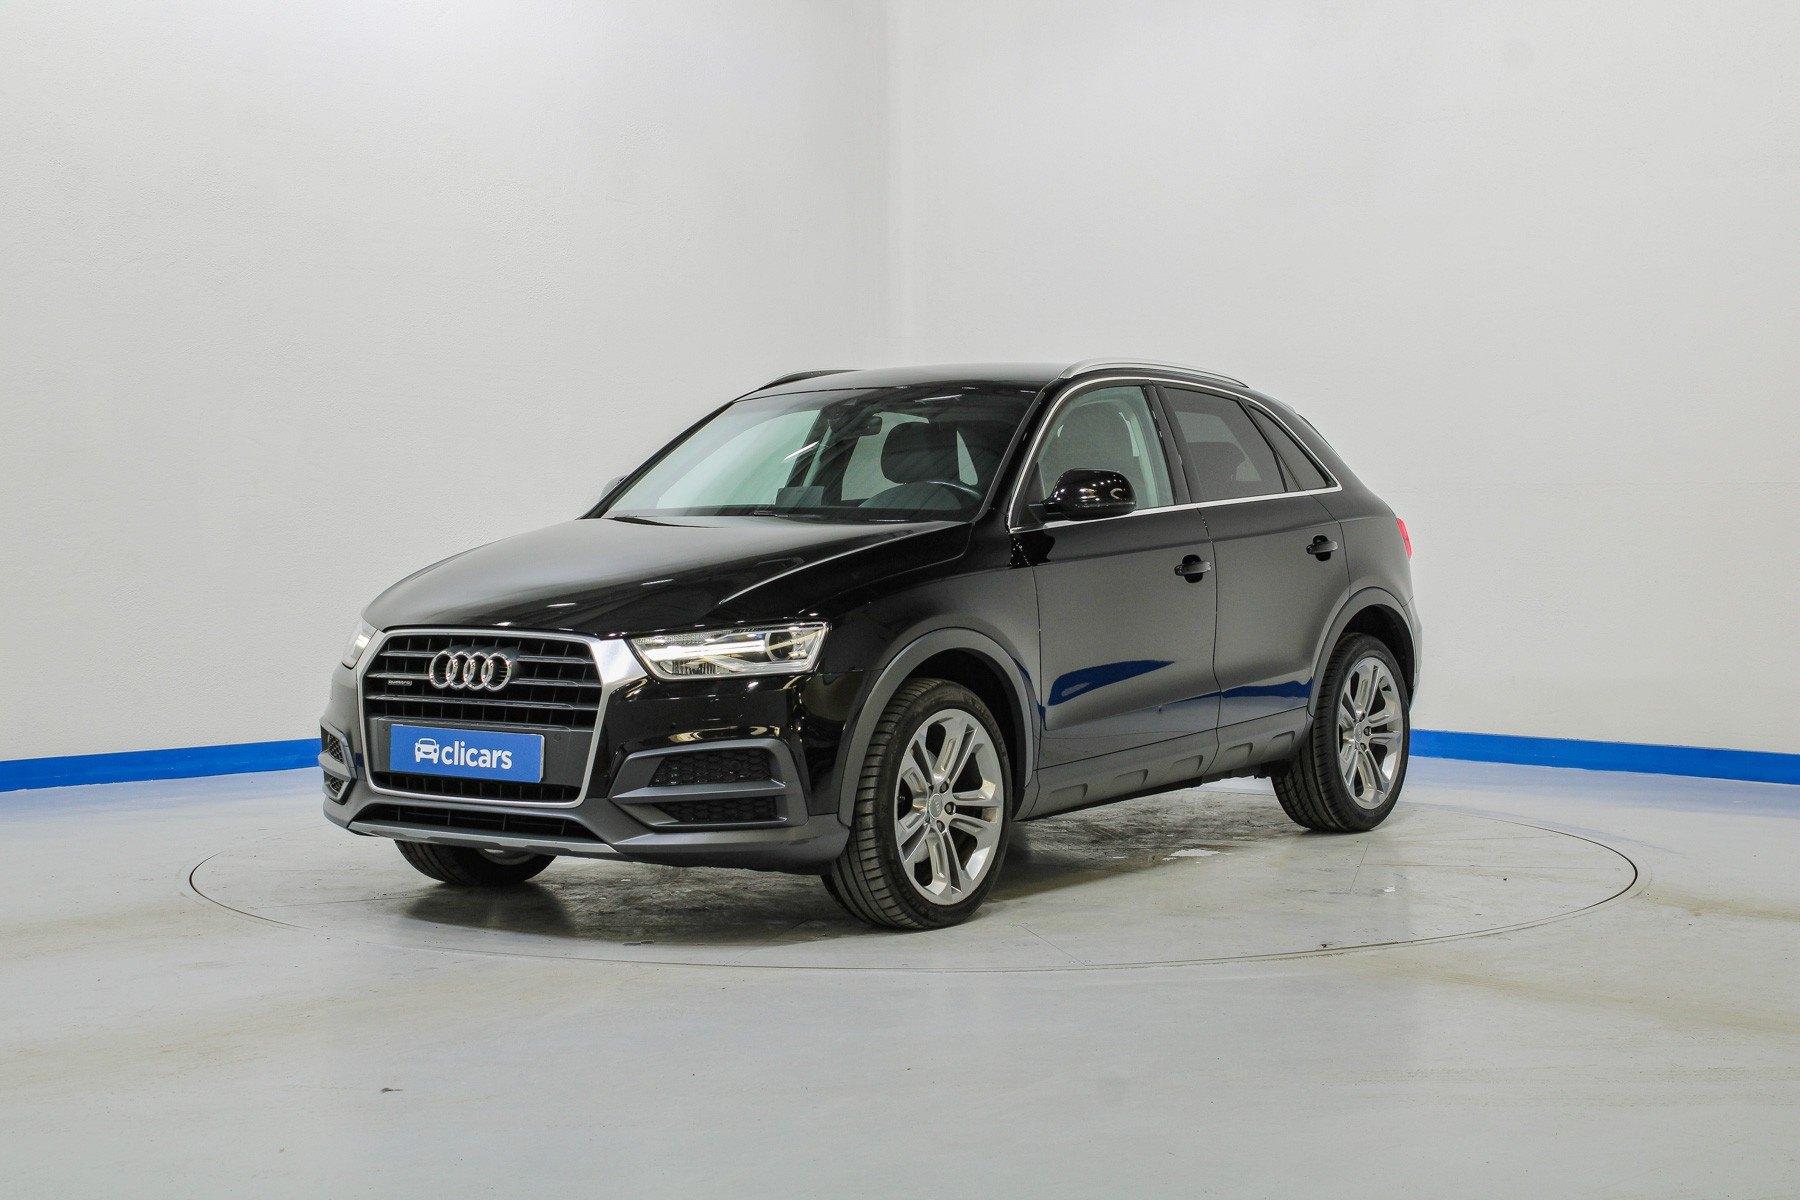 Audi Q3 Diésel Design edition 2.0 TDI quattro 1